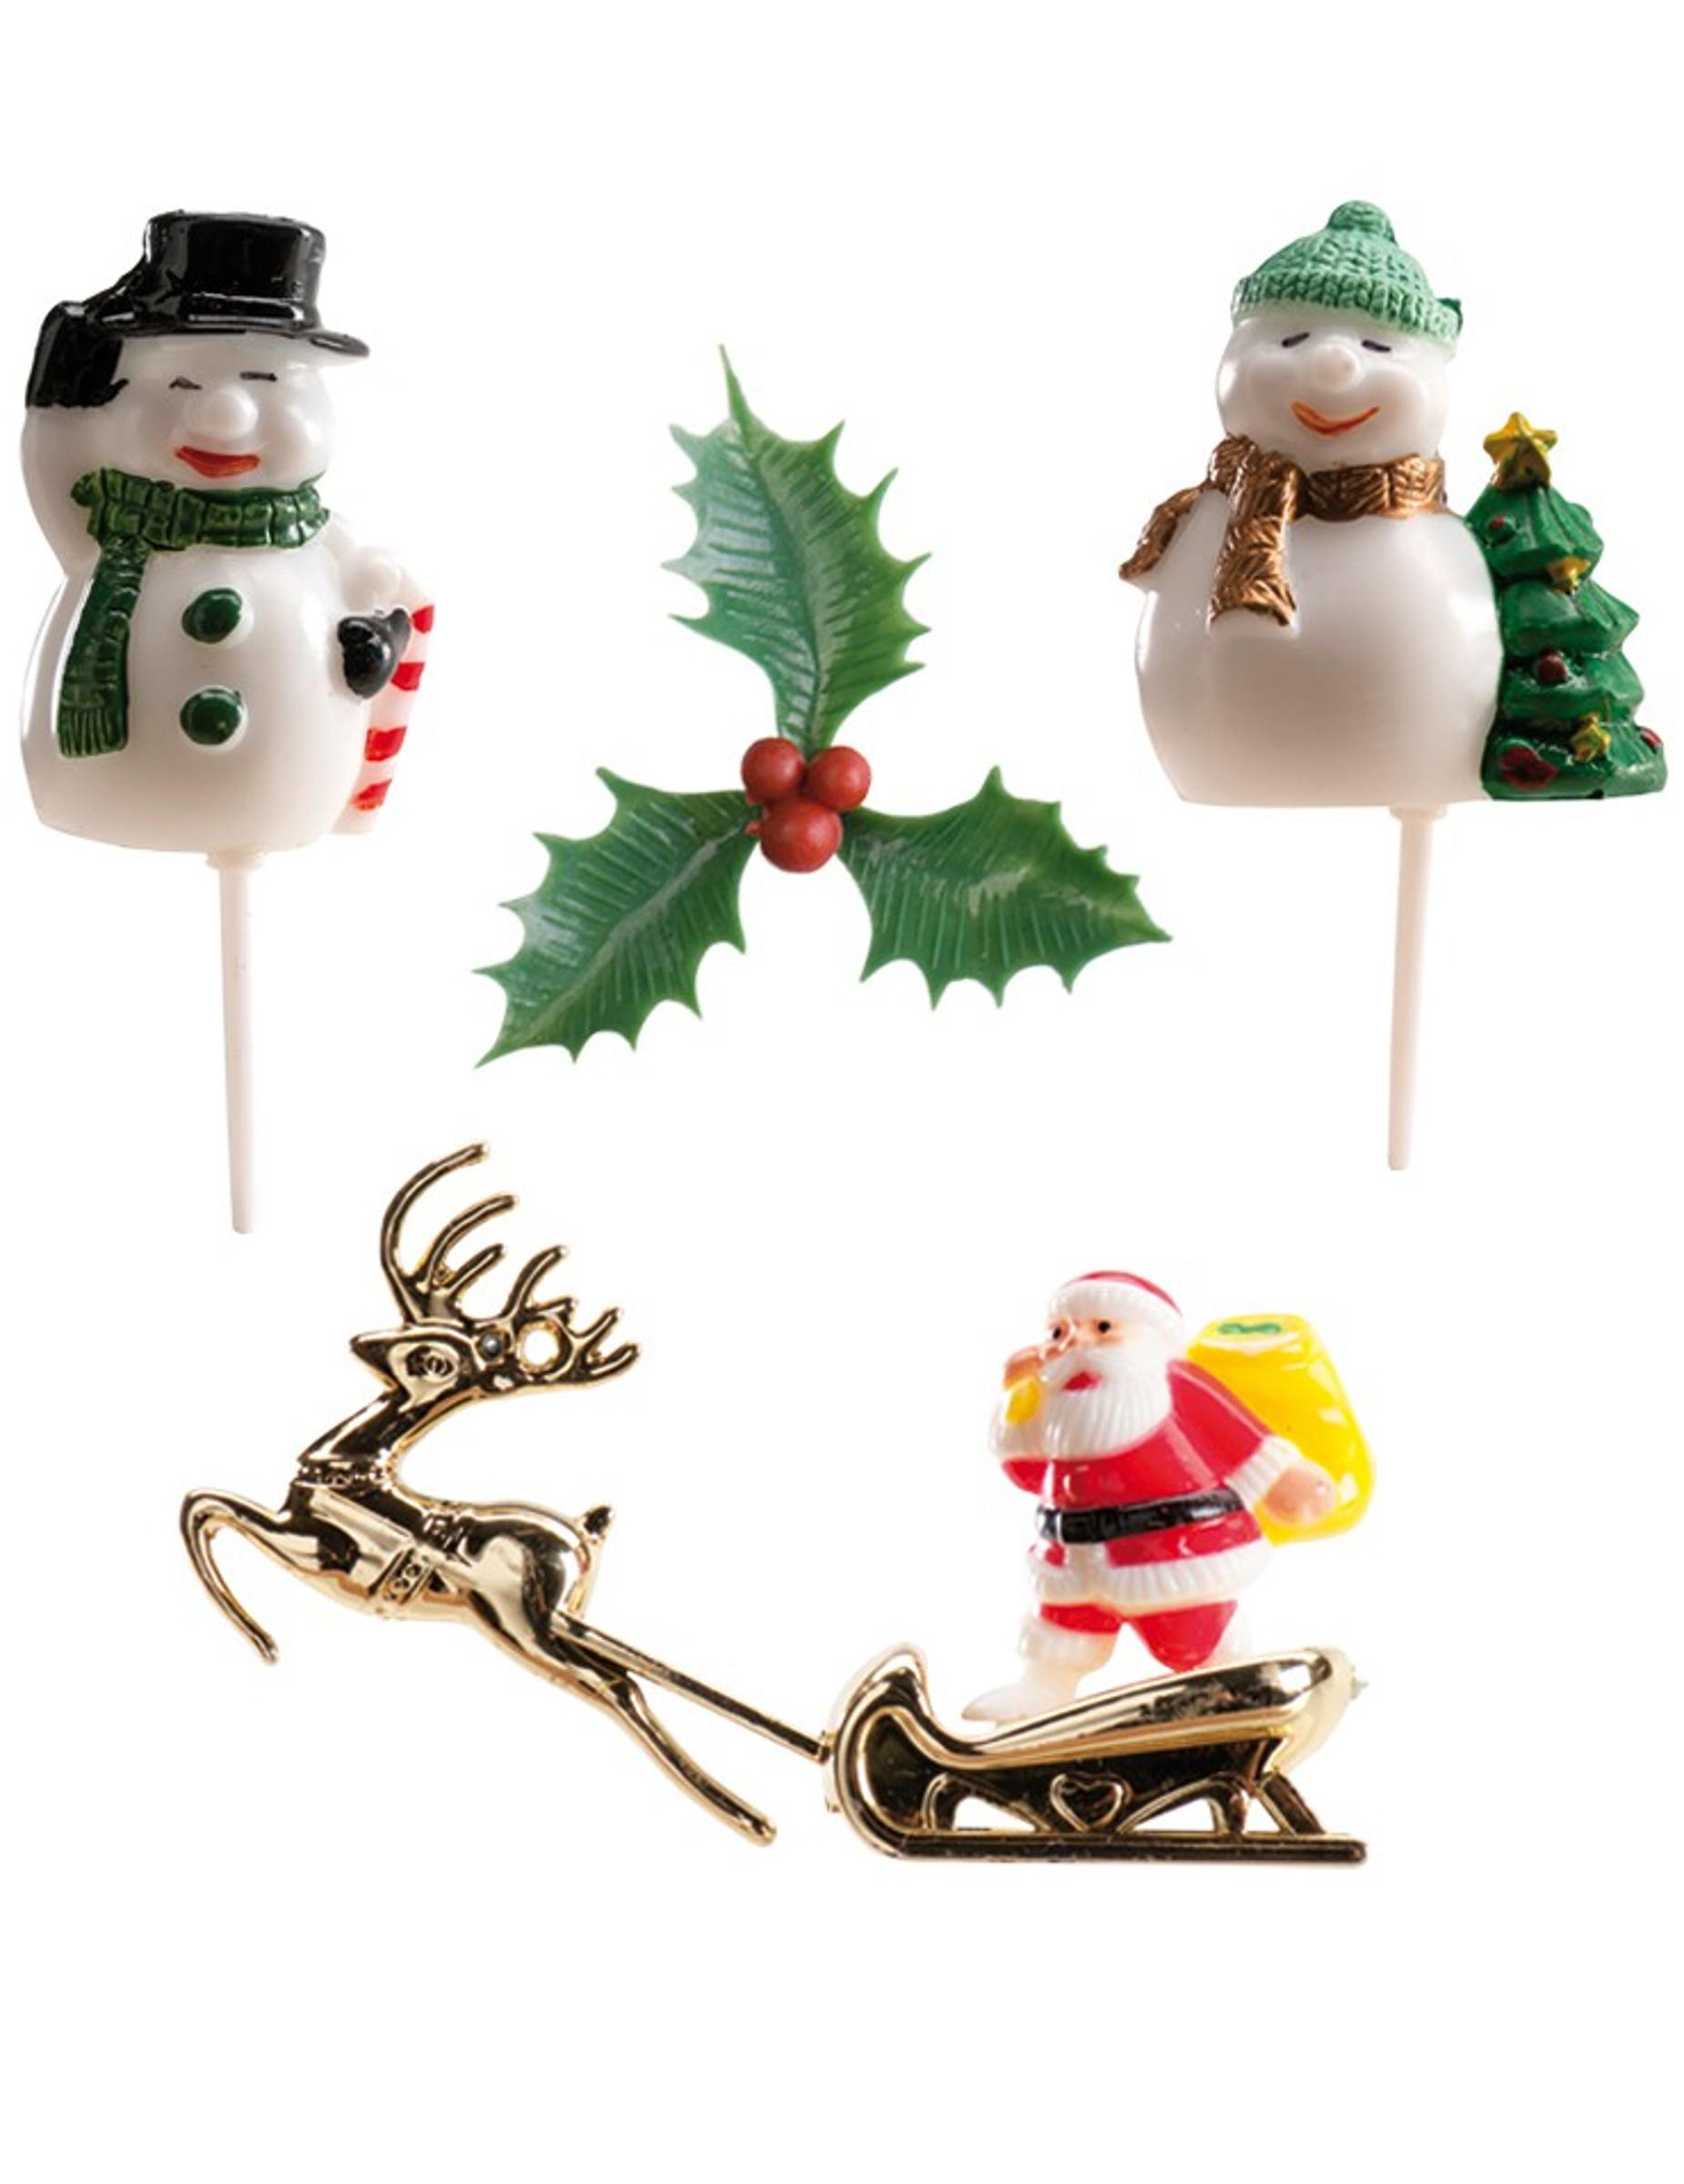 Kit da 6 decorazioni per dolci natalizi - Decorazioni natalizie per dolci ...